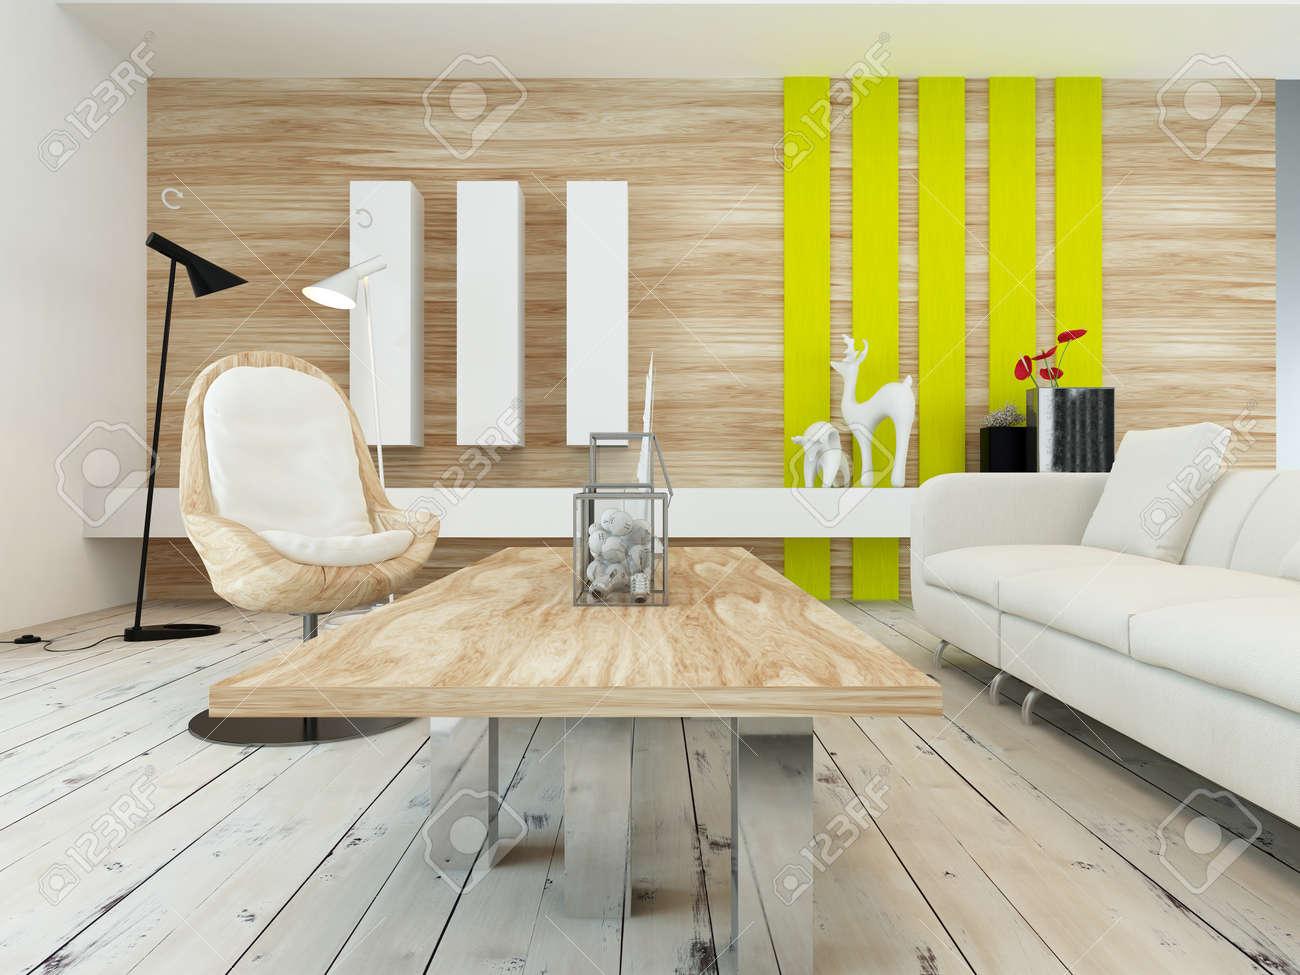 rustikale einrichtung in einem modernen wohnzimmer mit einem